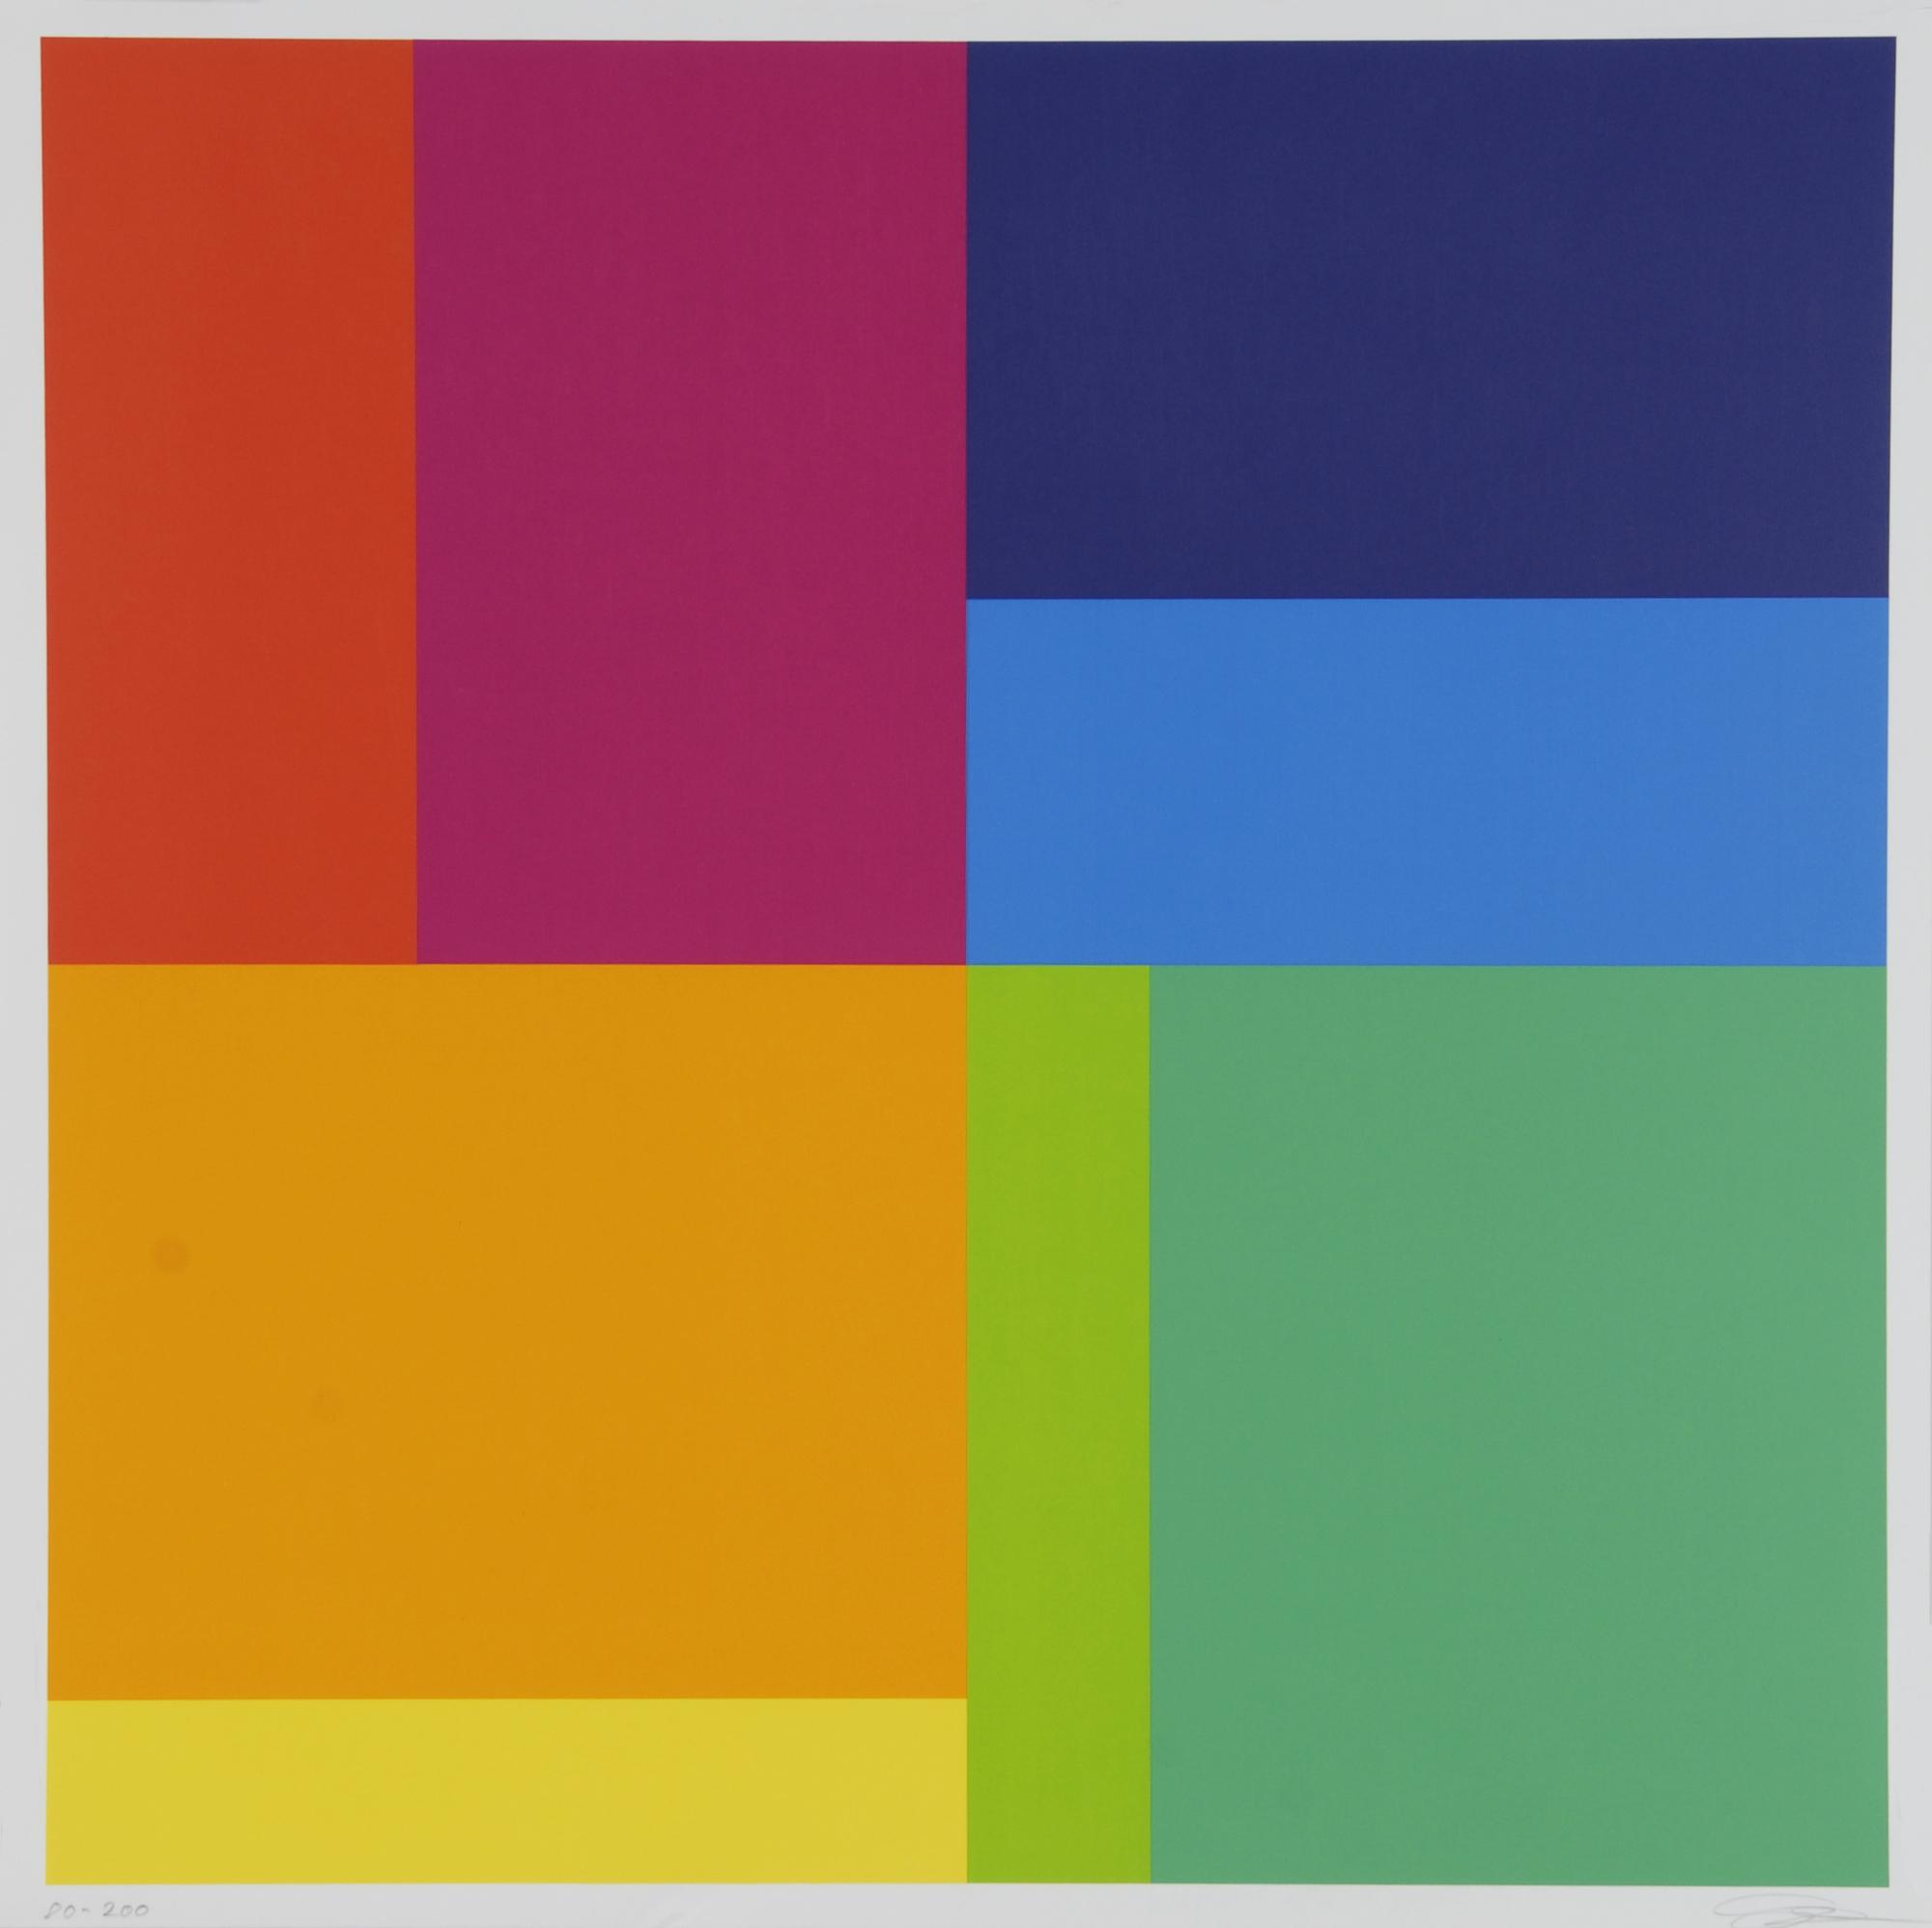 Lohse Richard Paul, Bewegung von acht Farben um eine Achse